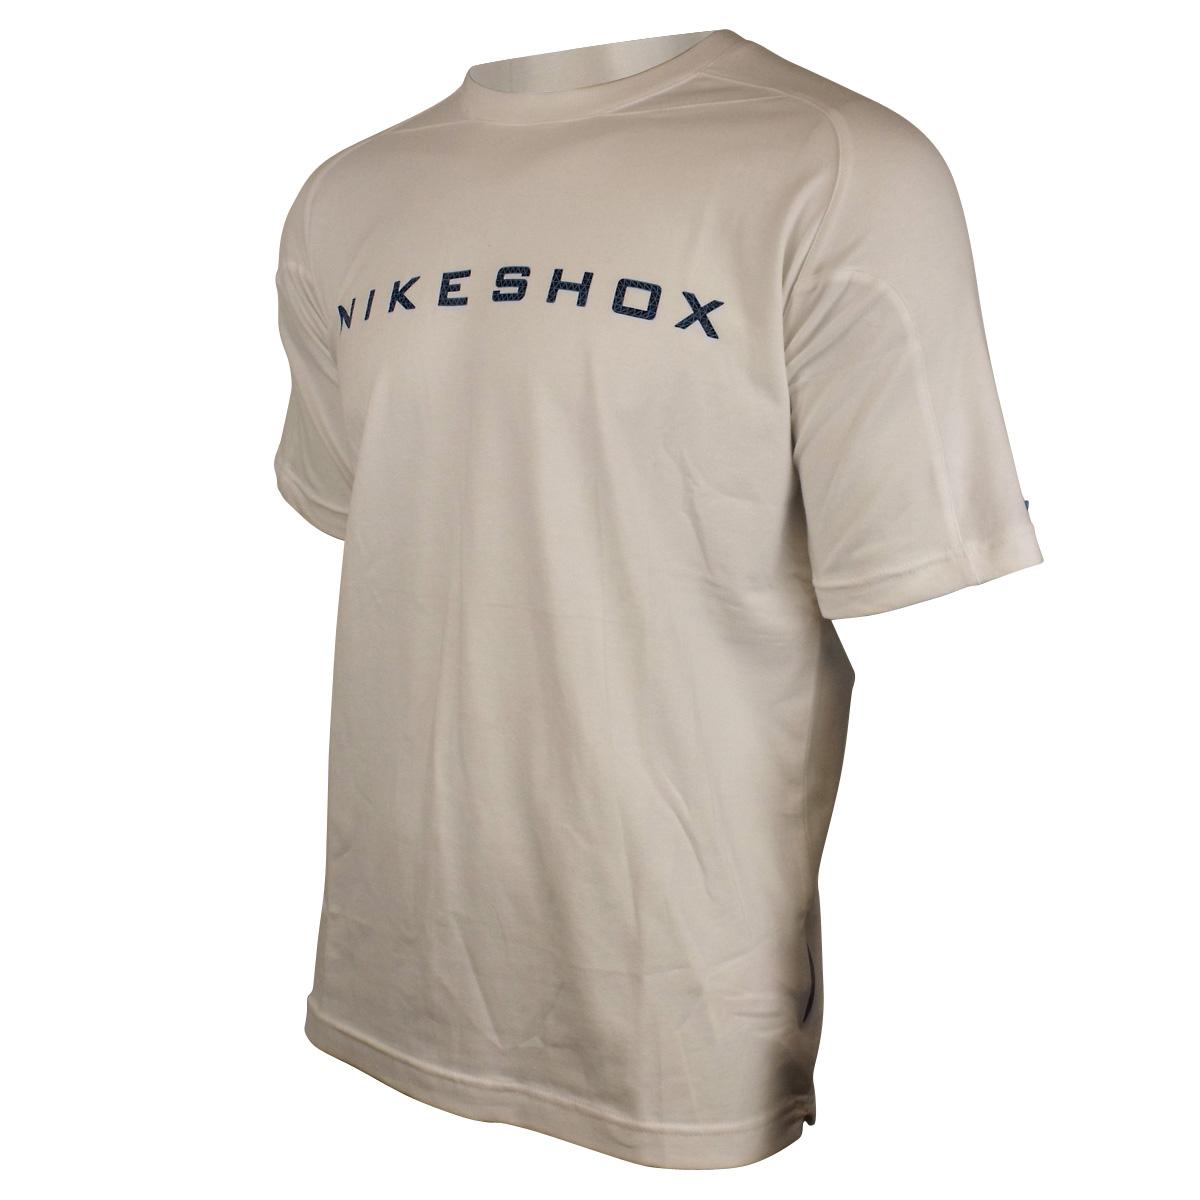 nike shox t shirt